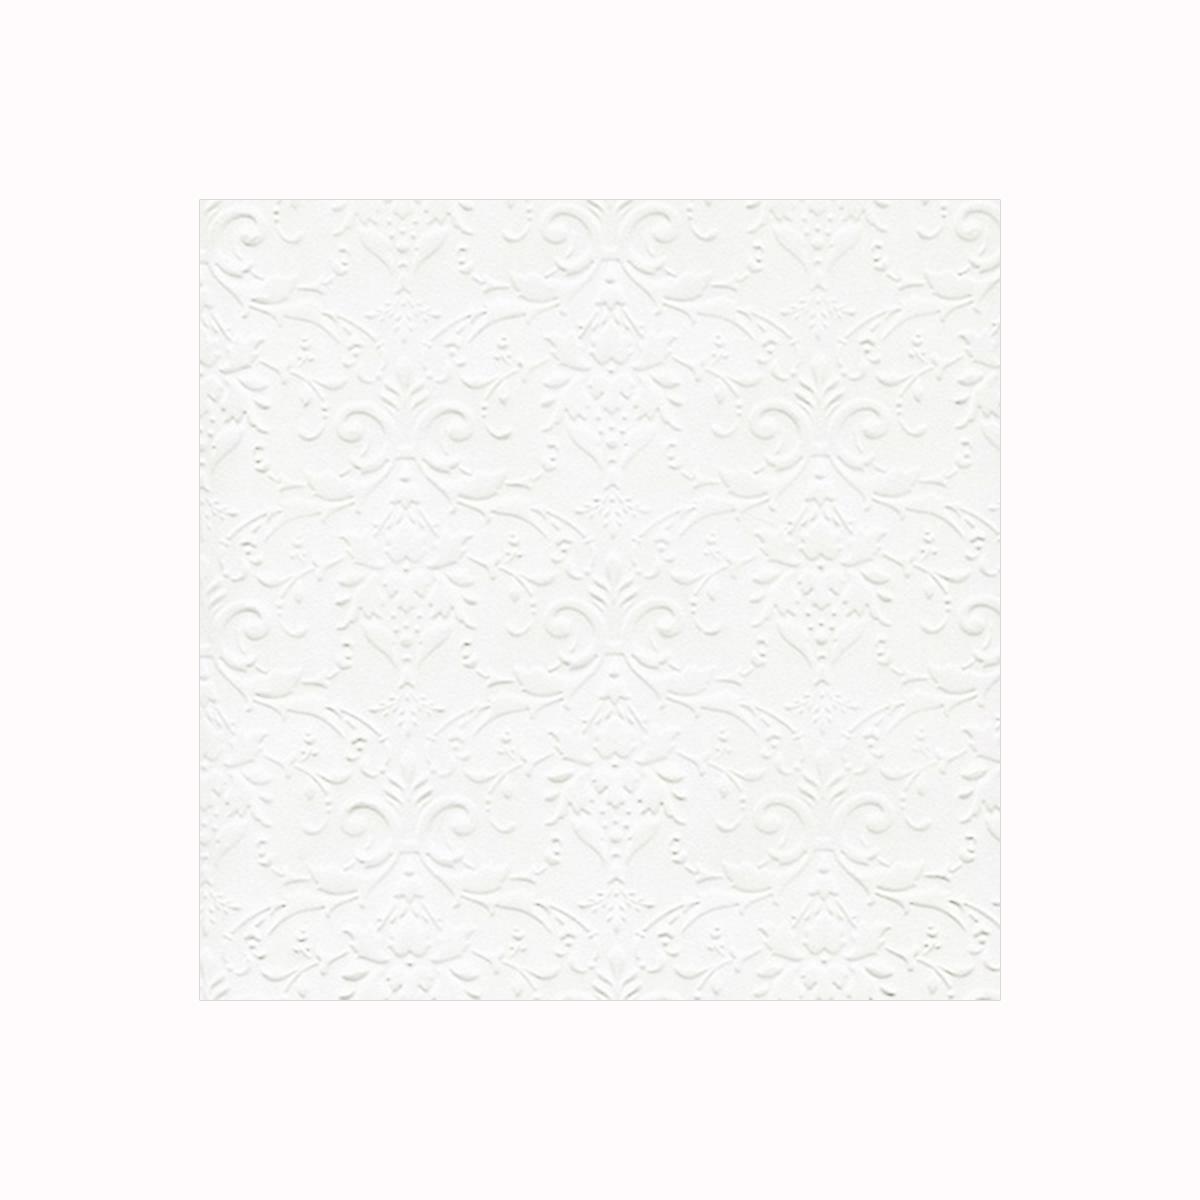 Бумага фактурная Лоза Дамасский узор, цвет: молочный, 3 листаNN-612-LS-PLФактурная бумага для скрапбукинга Лоза Дамасский узор позволит создать красивый альбом, фоторамку или открытку ручной работы, оформить подарок или аппликацию. Набор включает в себя 3 листа из плотной бумаги. Скрапбукинг - это хобби, которое способно приносить массу приятных эмоций не только человеку, который этим занимается, но и его близким, друзьям, родным. Это невероятно увлекательное занятие, которое поможет вам сохранить наиболее памятные и яркие моменты вашей жизни, а также интересно оформить интерьер дома.Плотность бумаги: 200 г/м2.